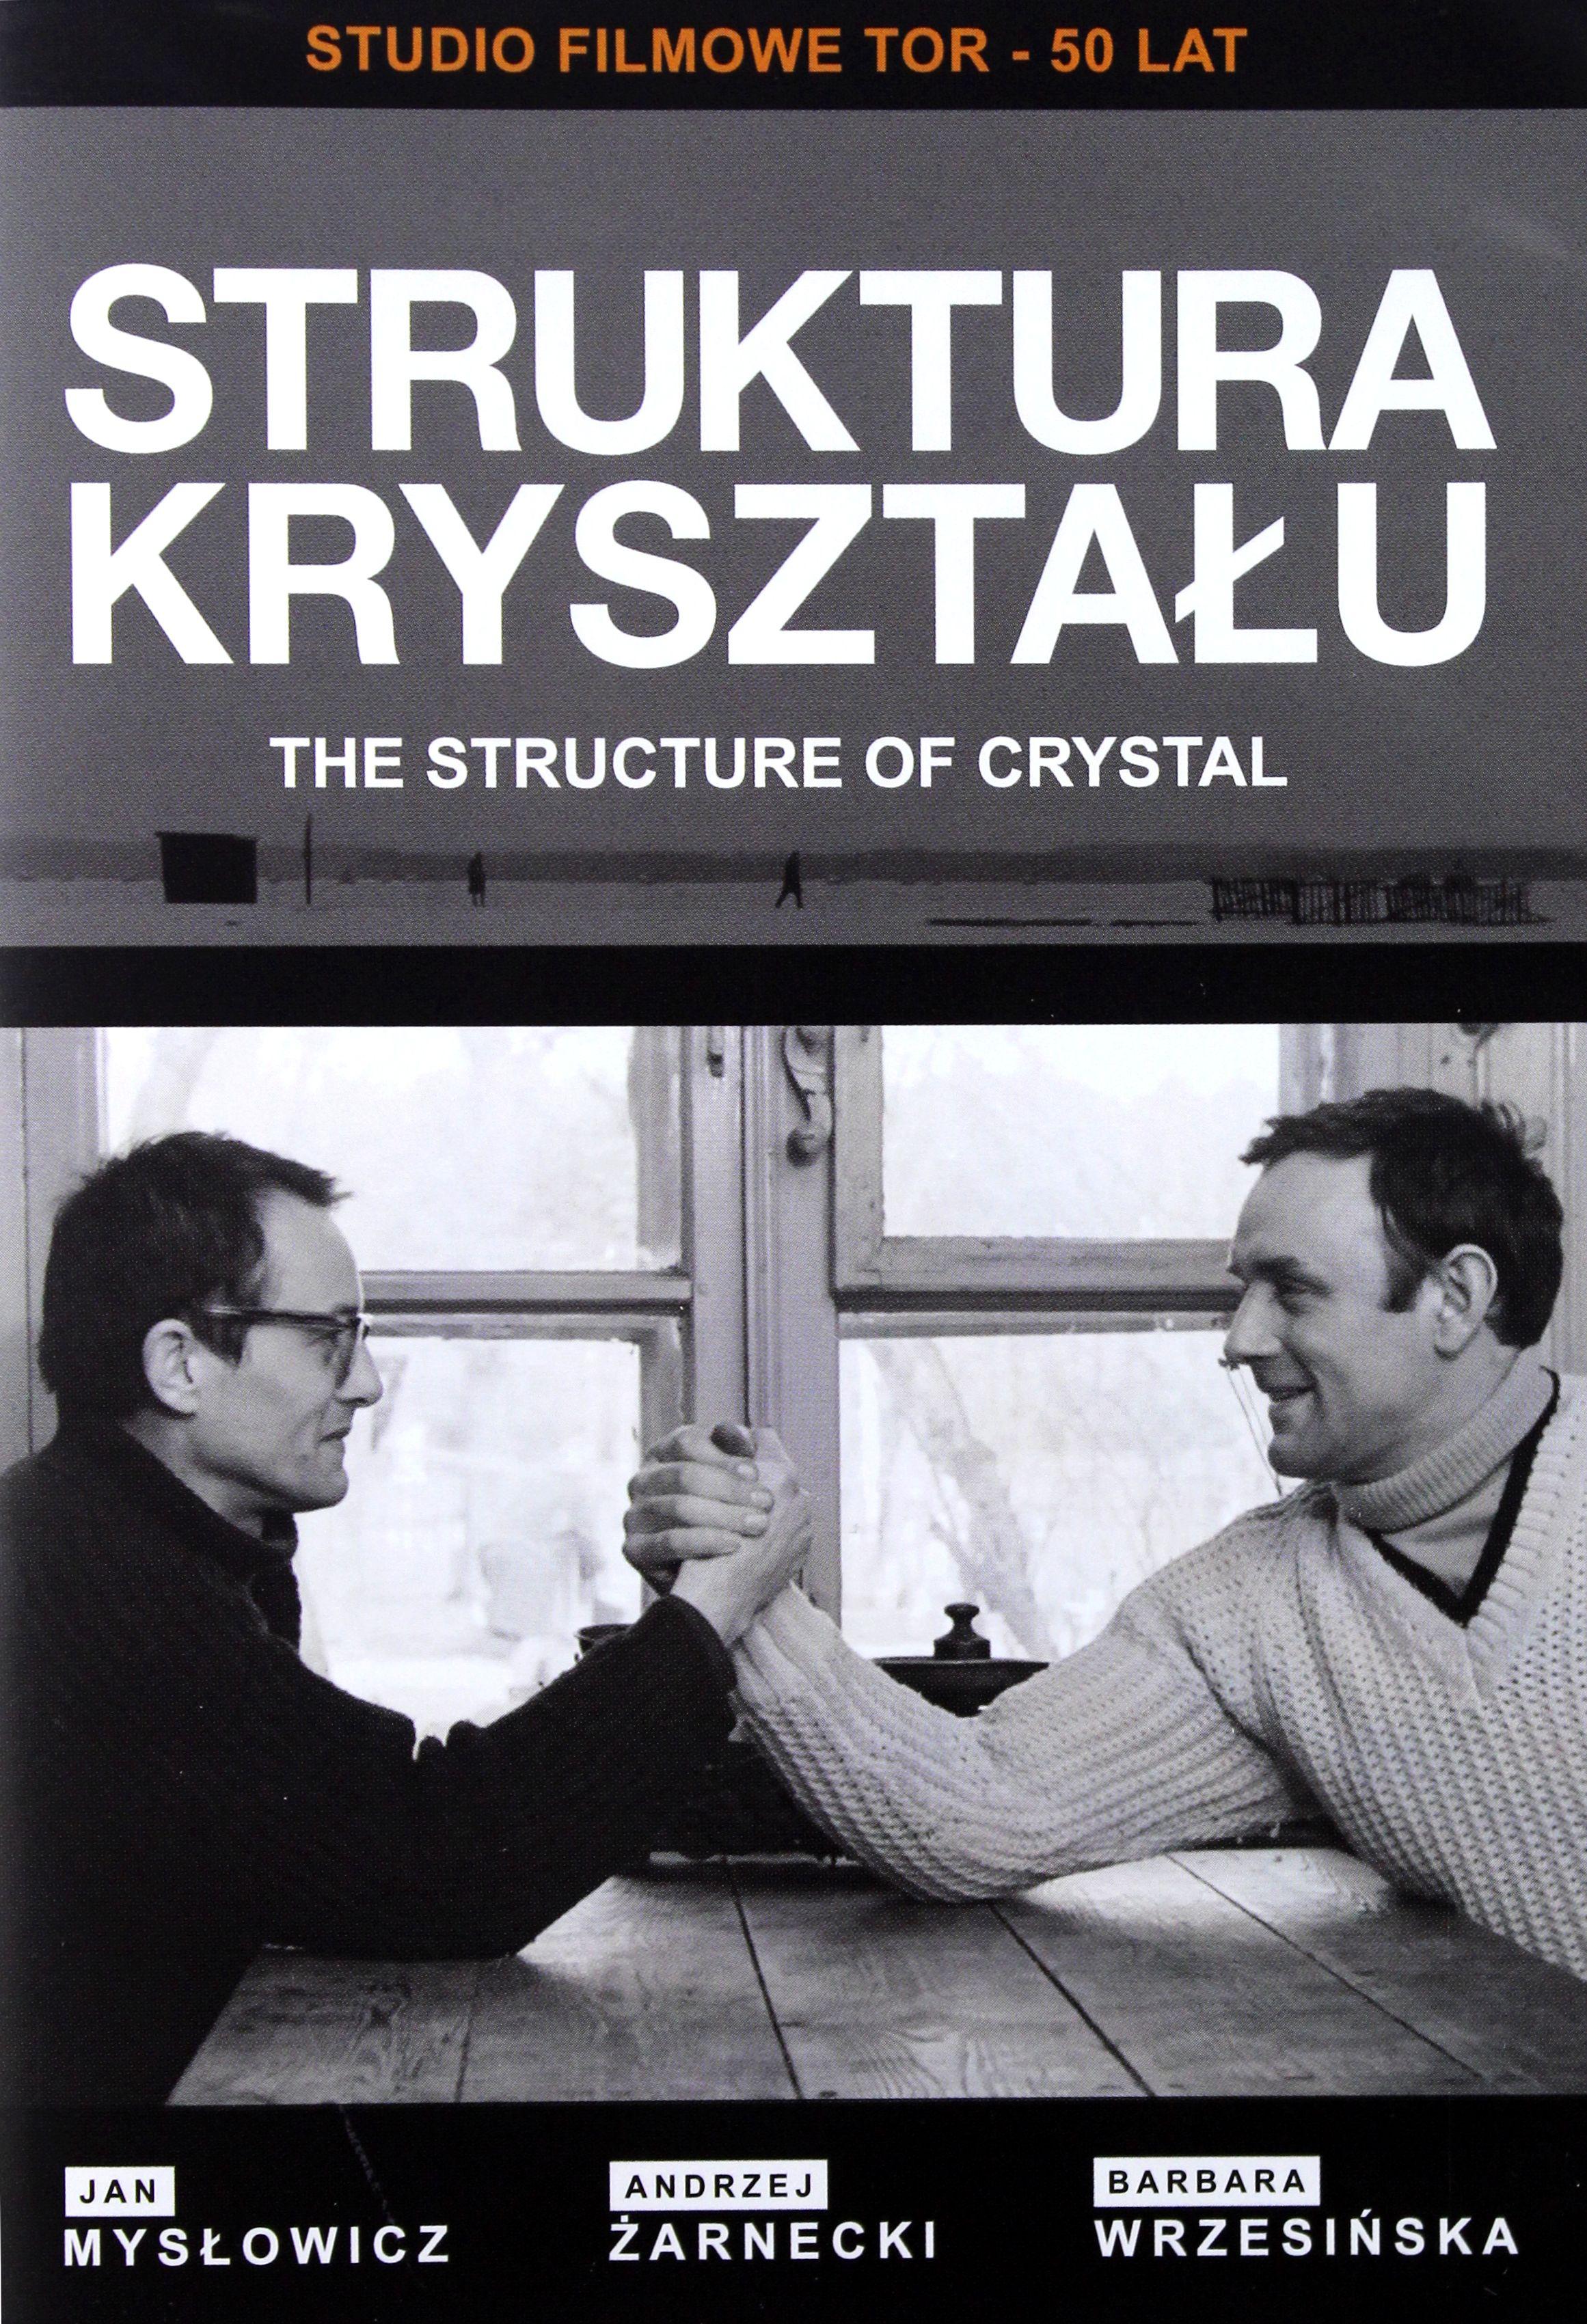 Struktura krysztalu (1969)